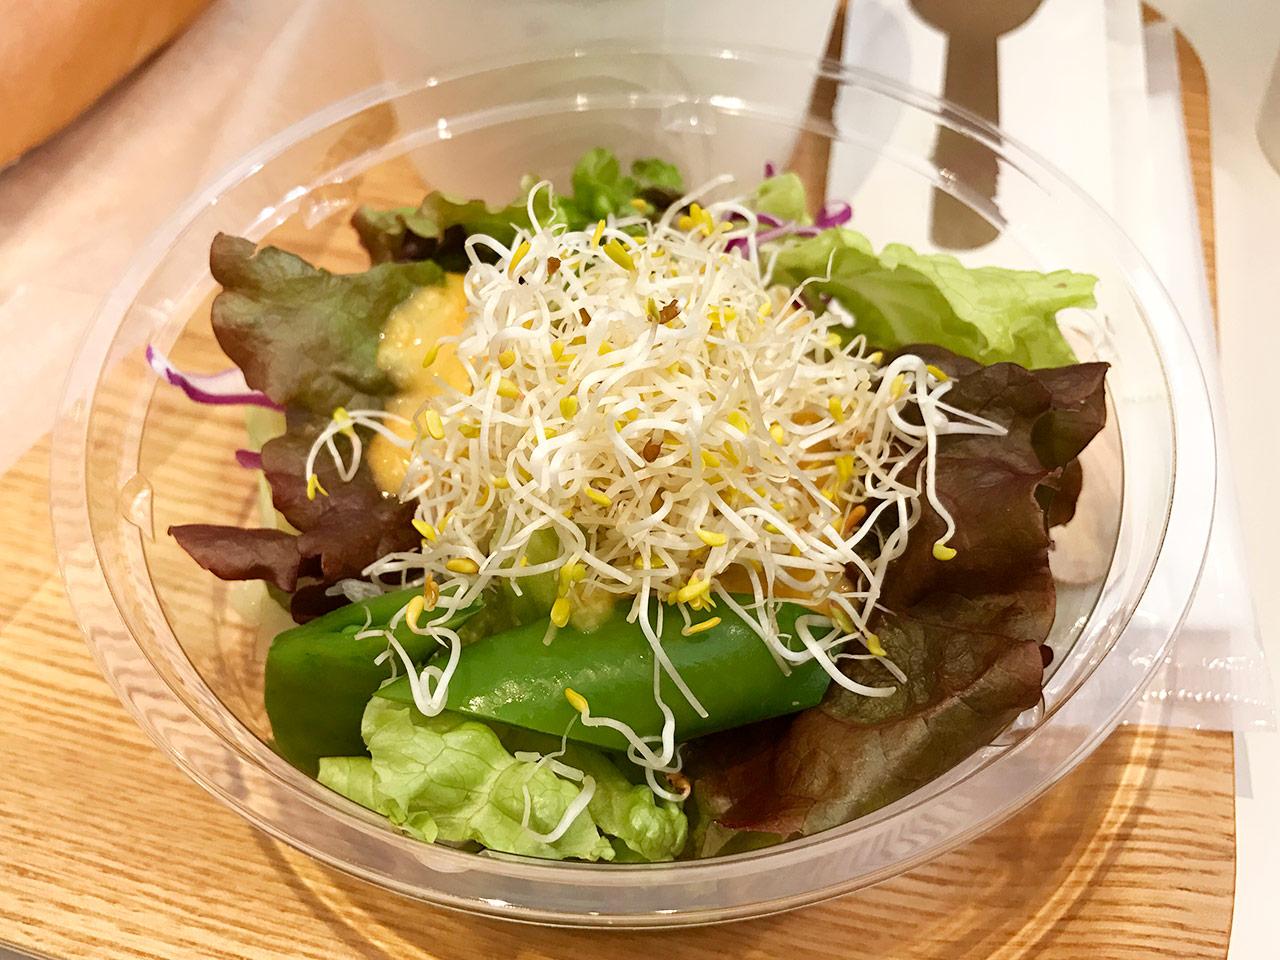 銀座三越「みのりカフェ」のセットのサラダ